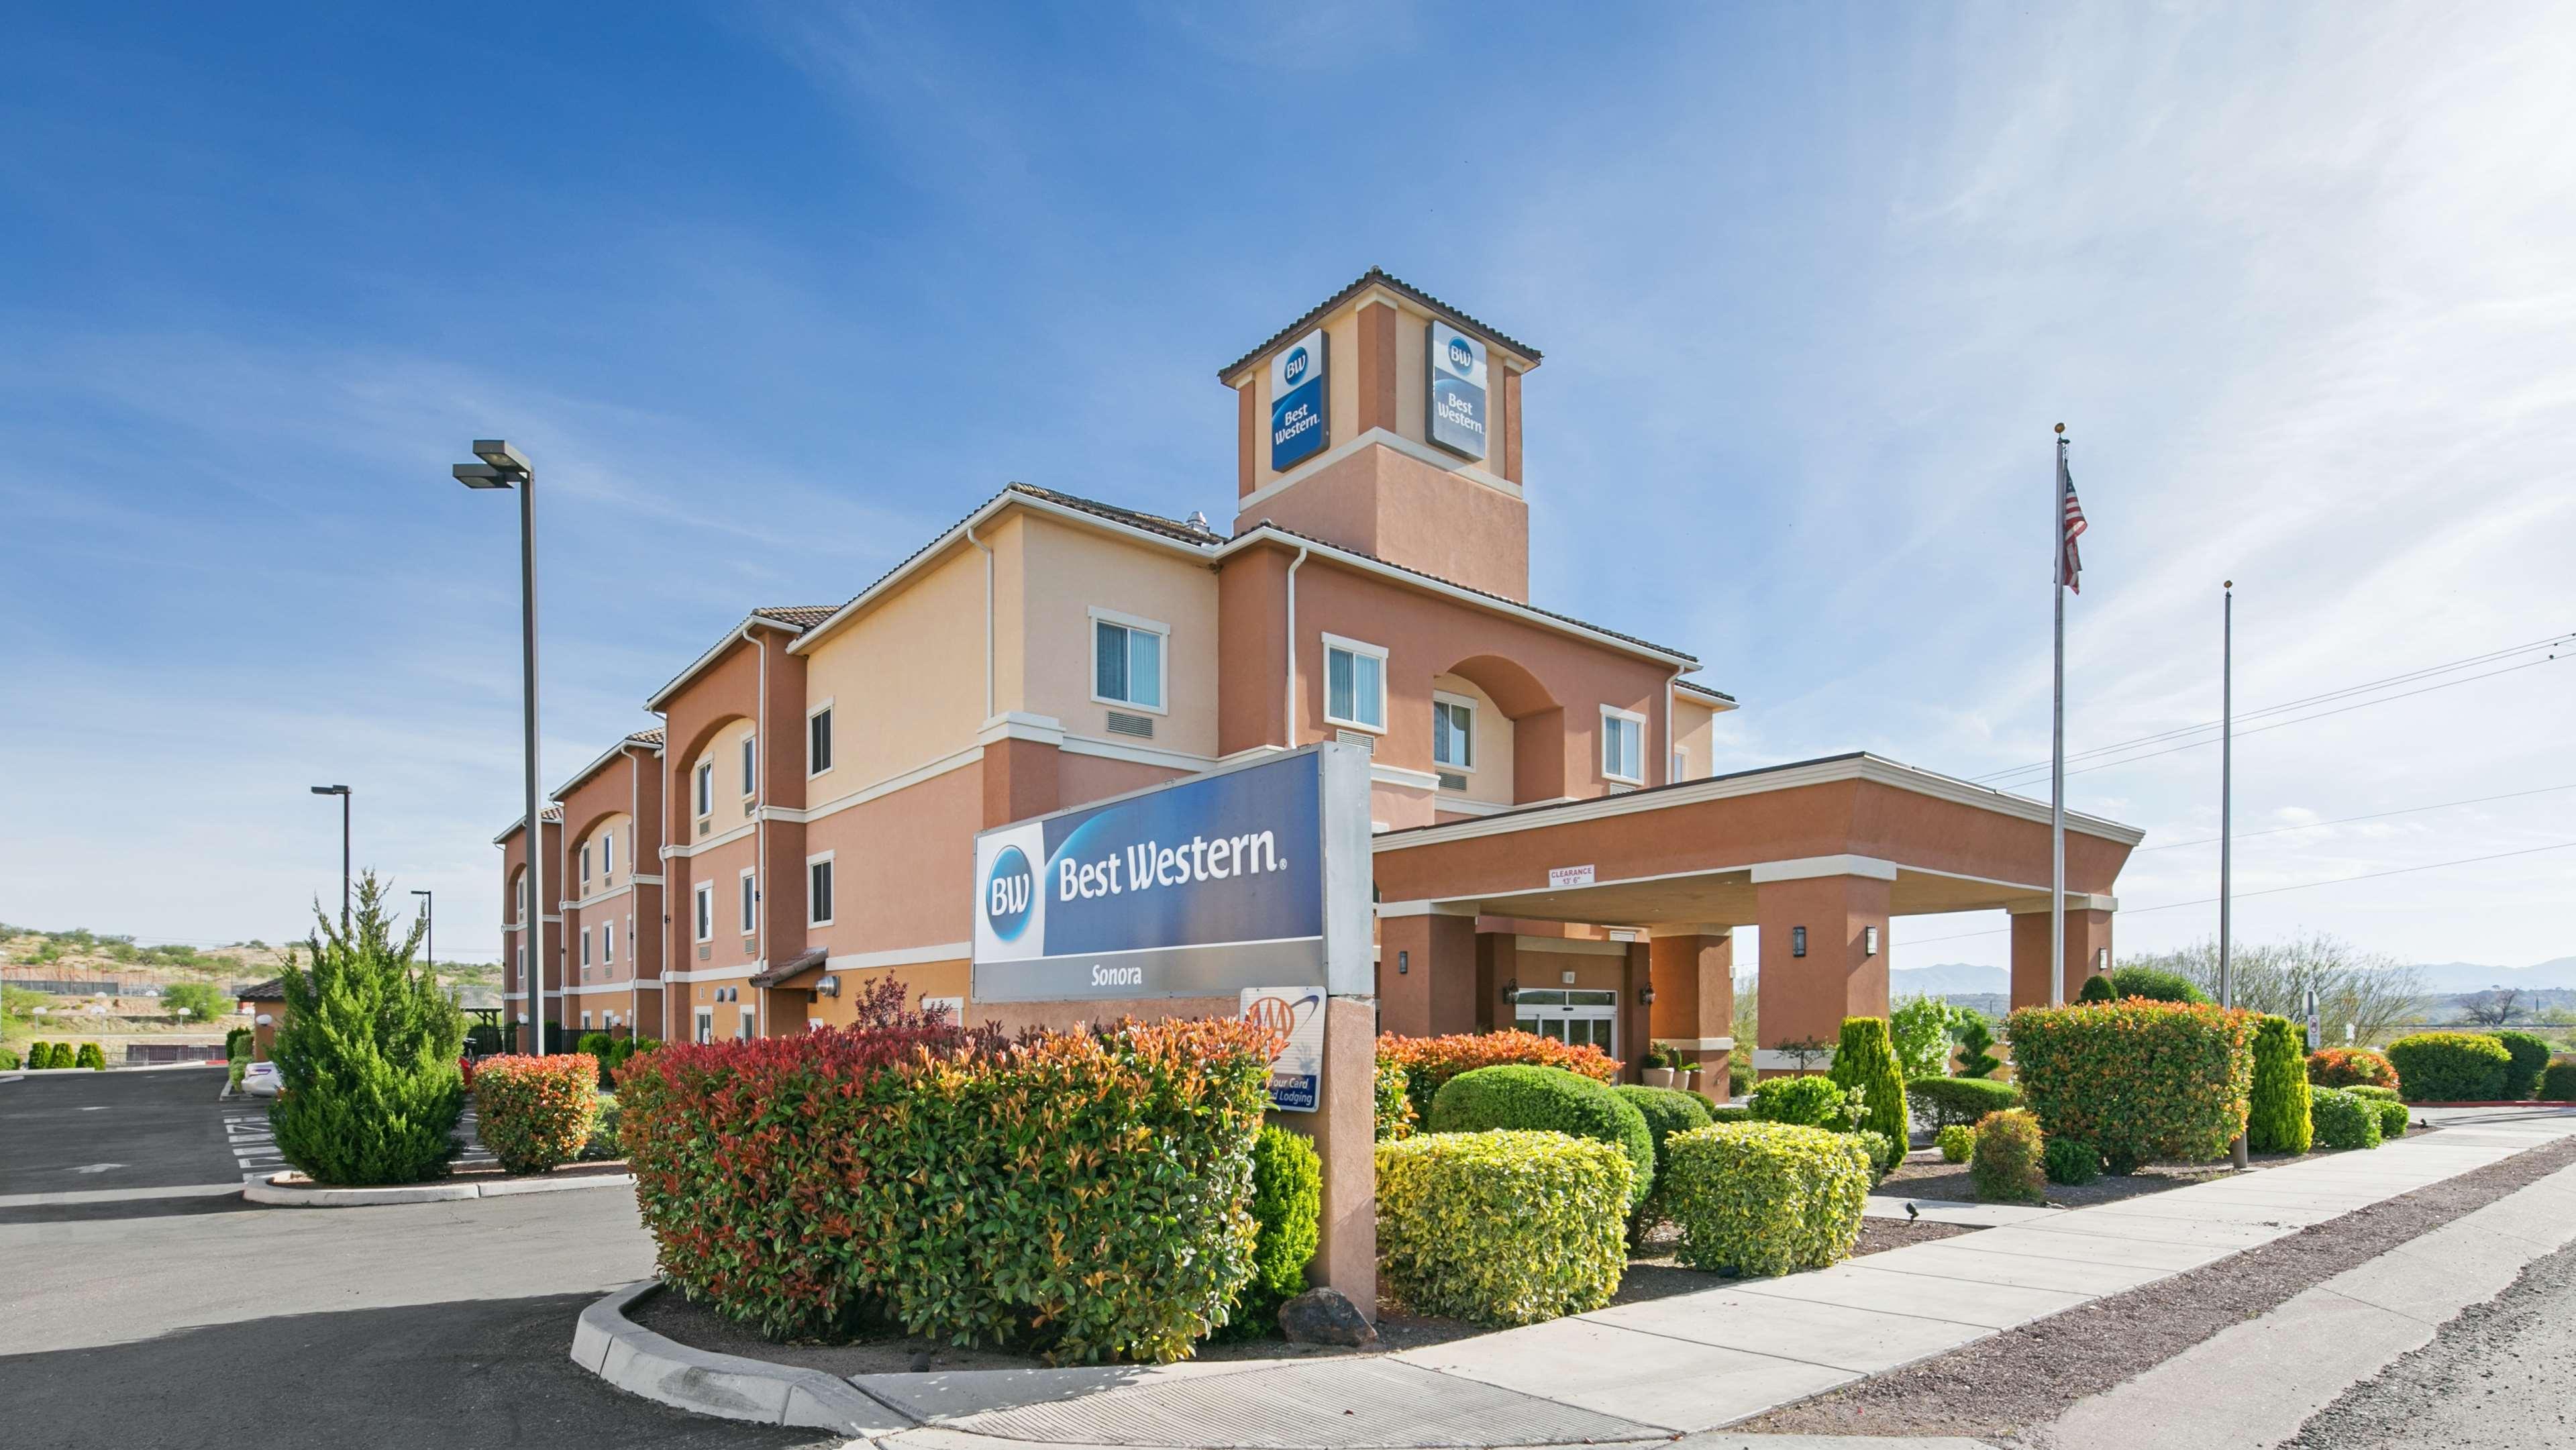 Best Western Sonora Inn & Suites image 0